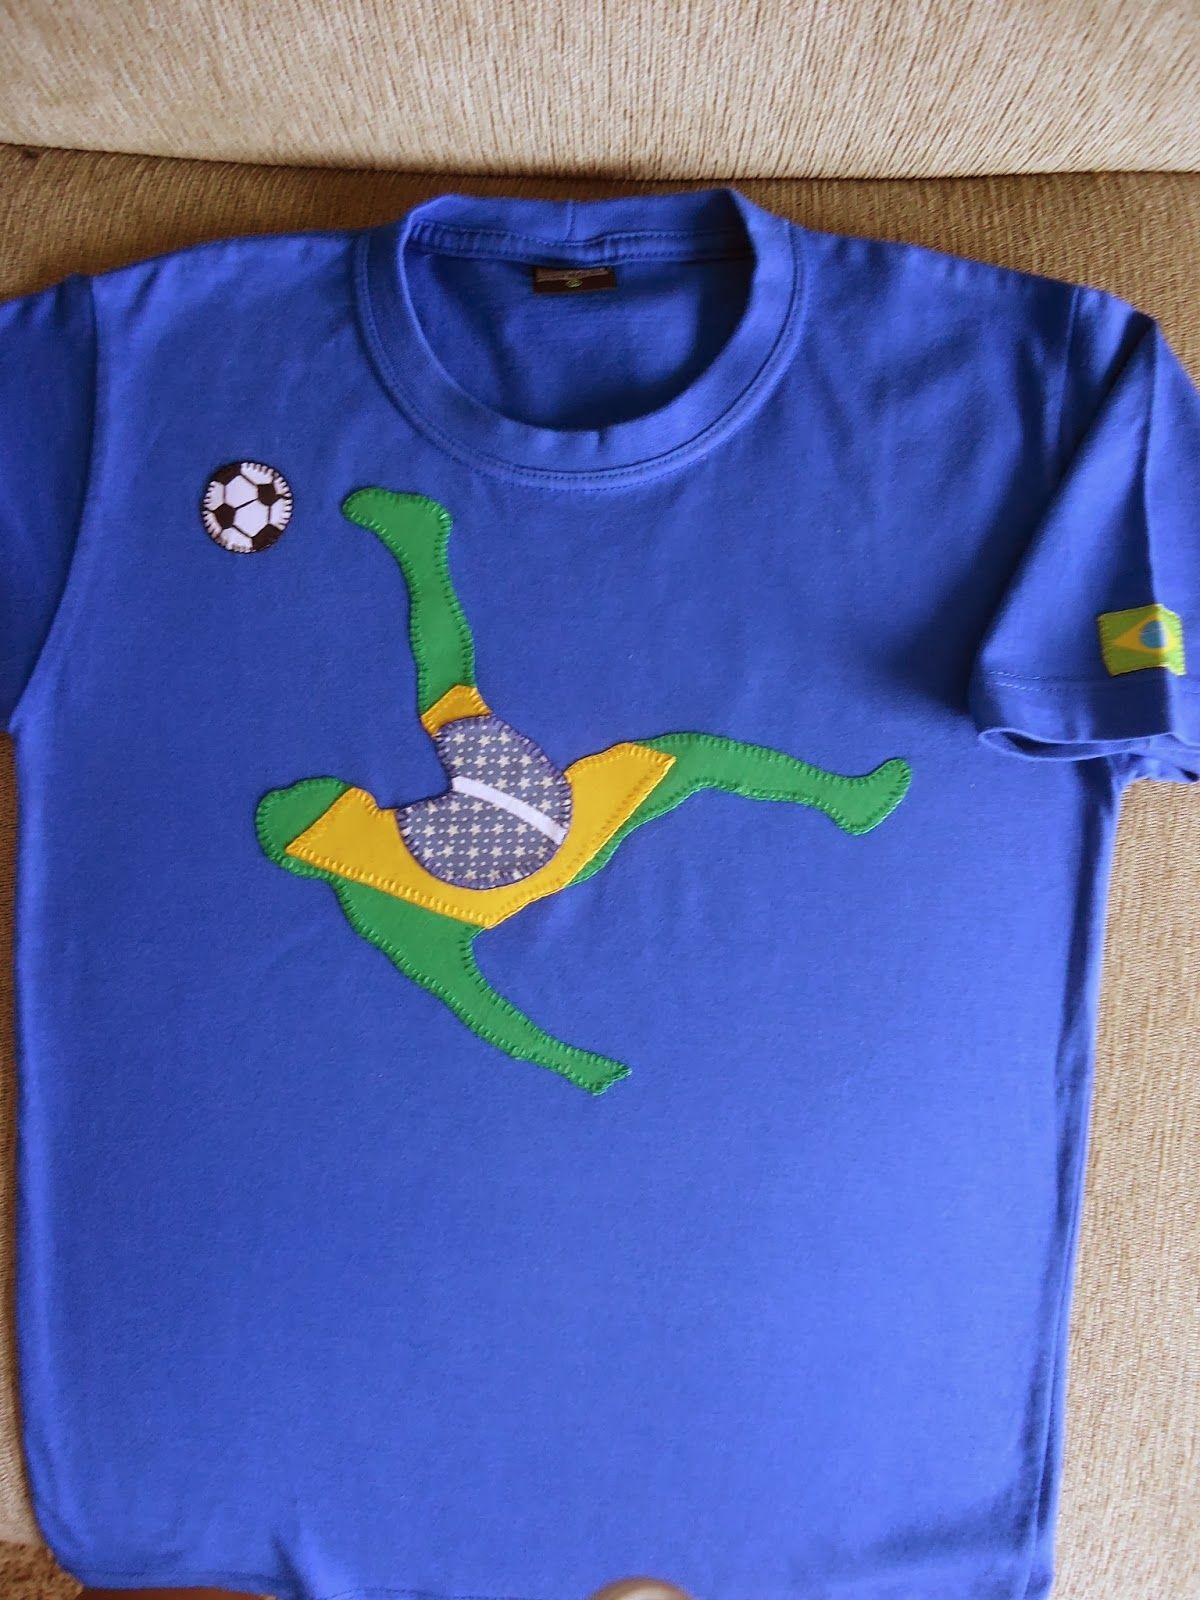 87c032549 arteZ......  Camiseta Patchwork Brasil - Copa do Mundo - Jogador de ...